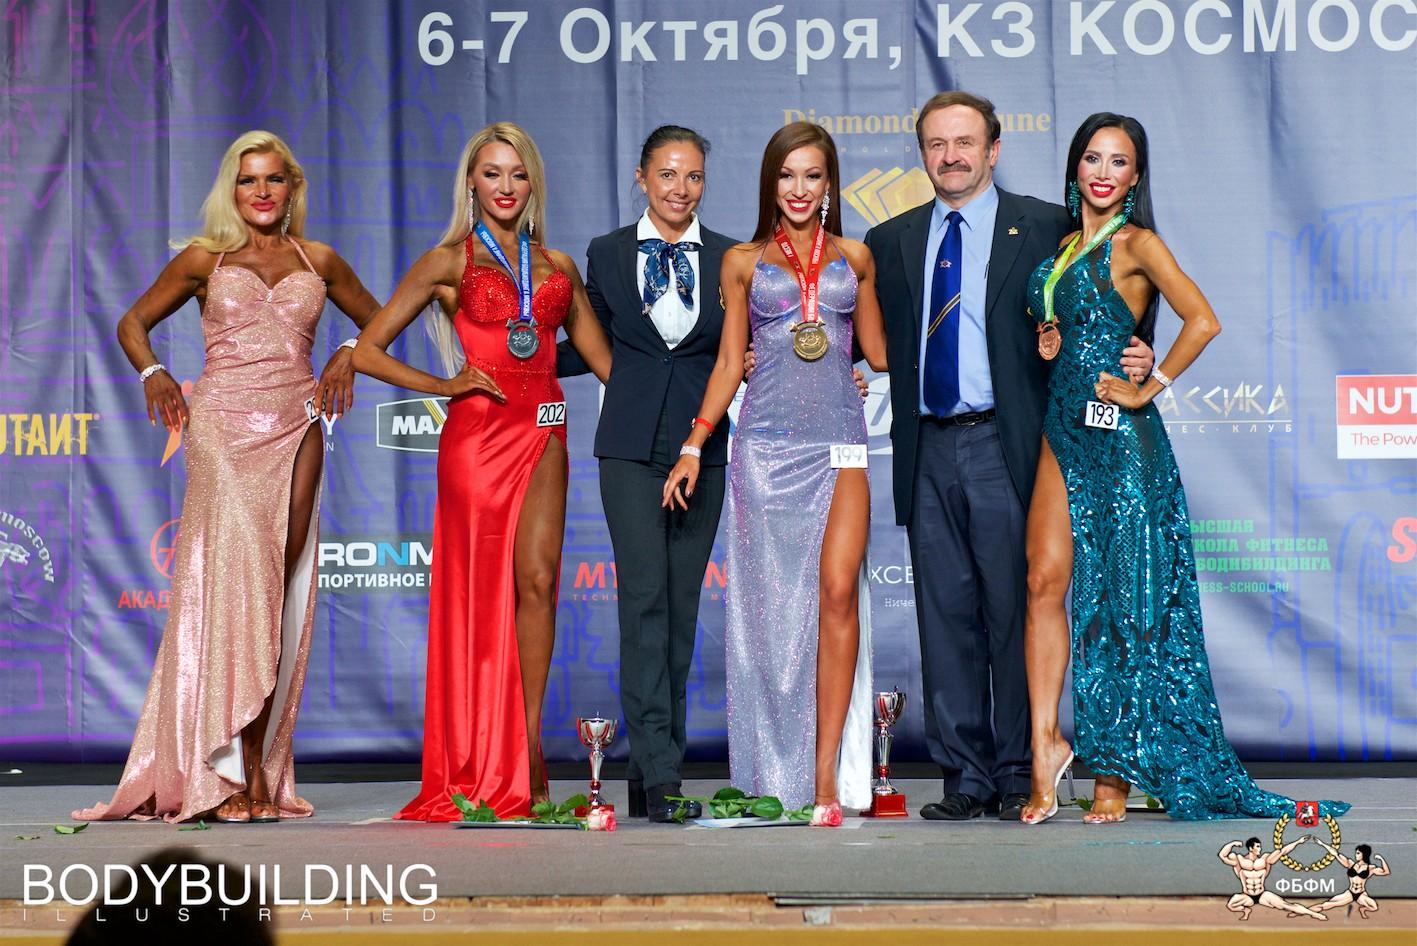 Аминова Наиля чемпионат Москвы по бодибилдингу 2018